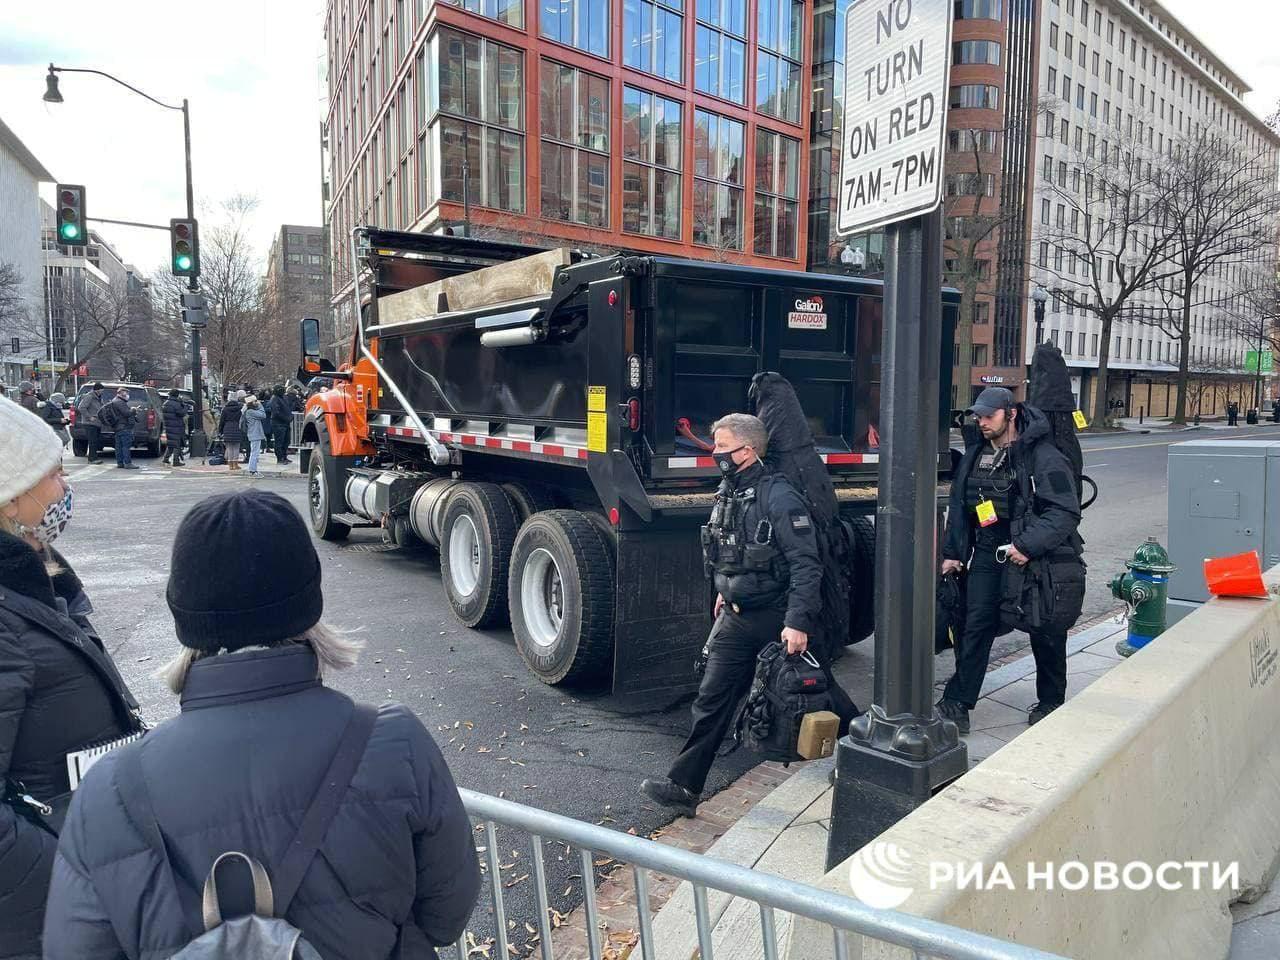 Sniper Team Arrives in DC